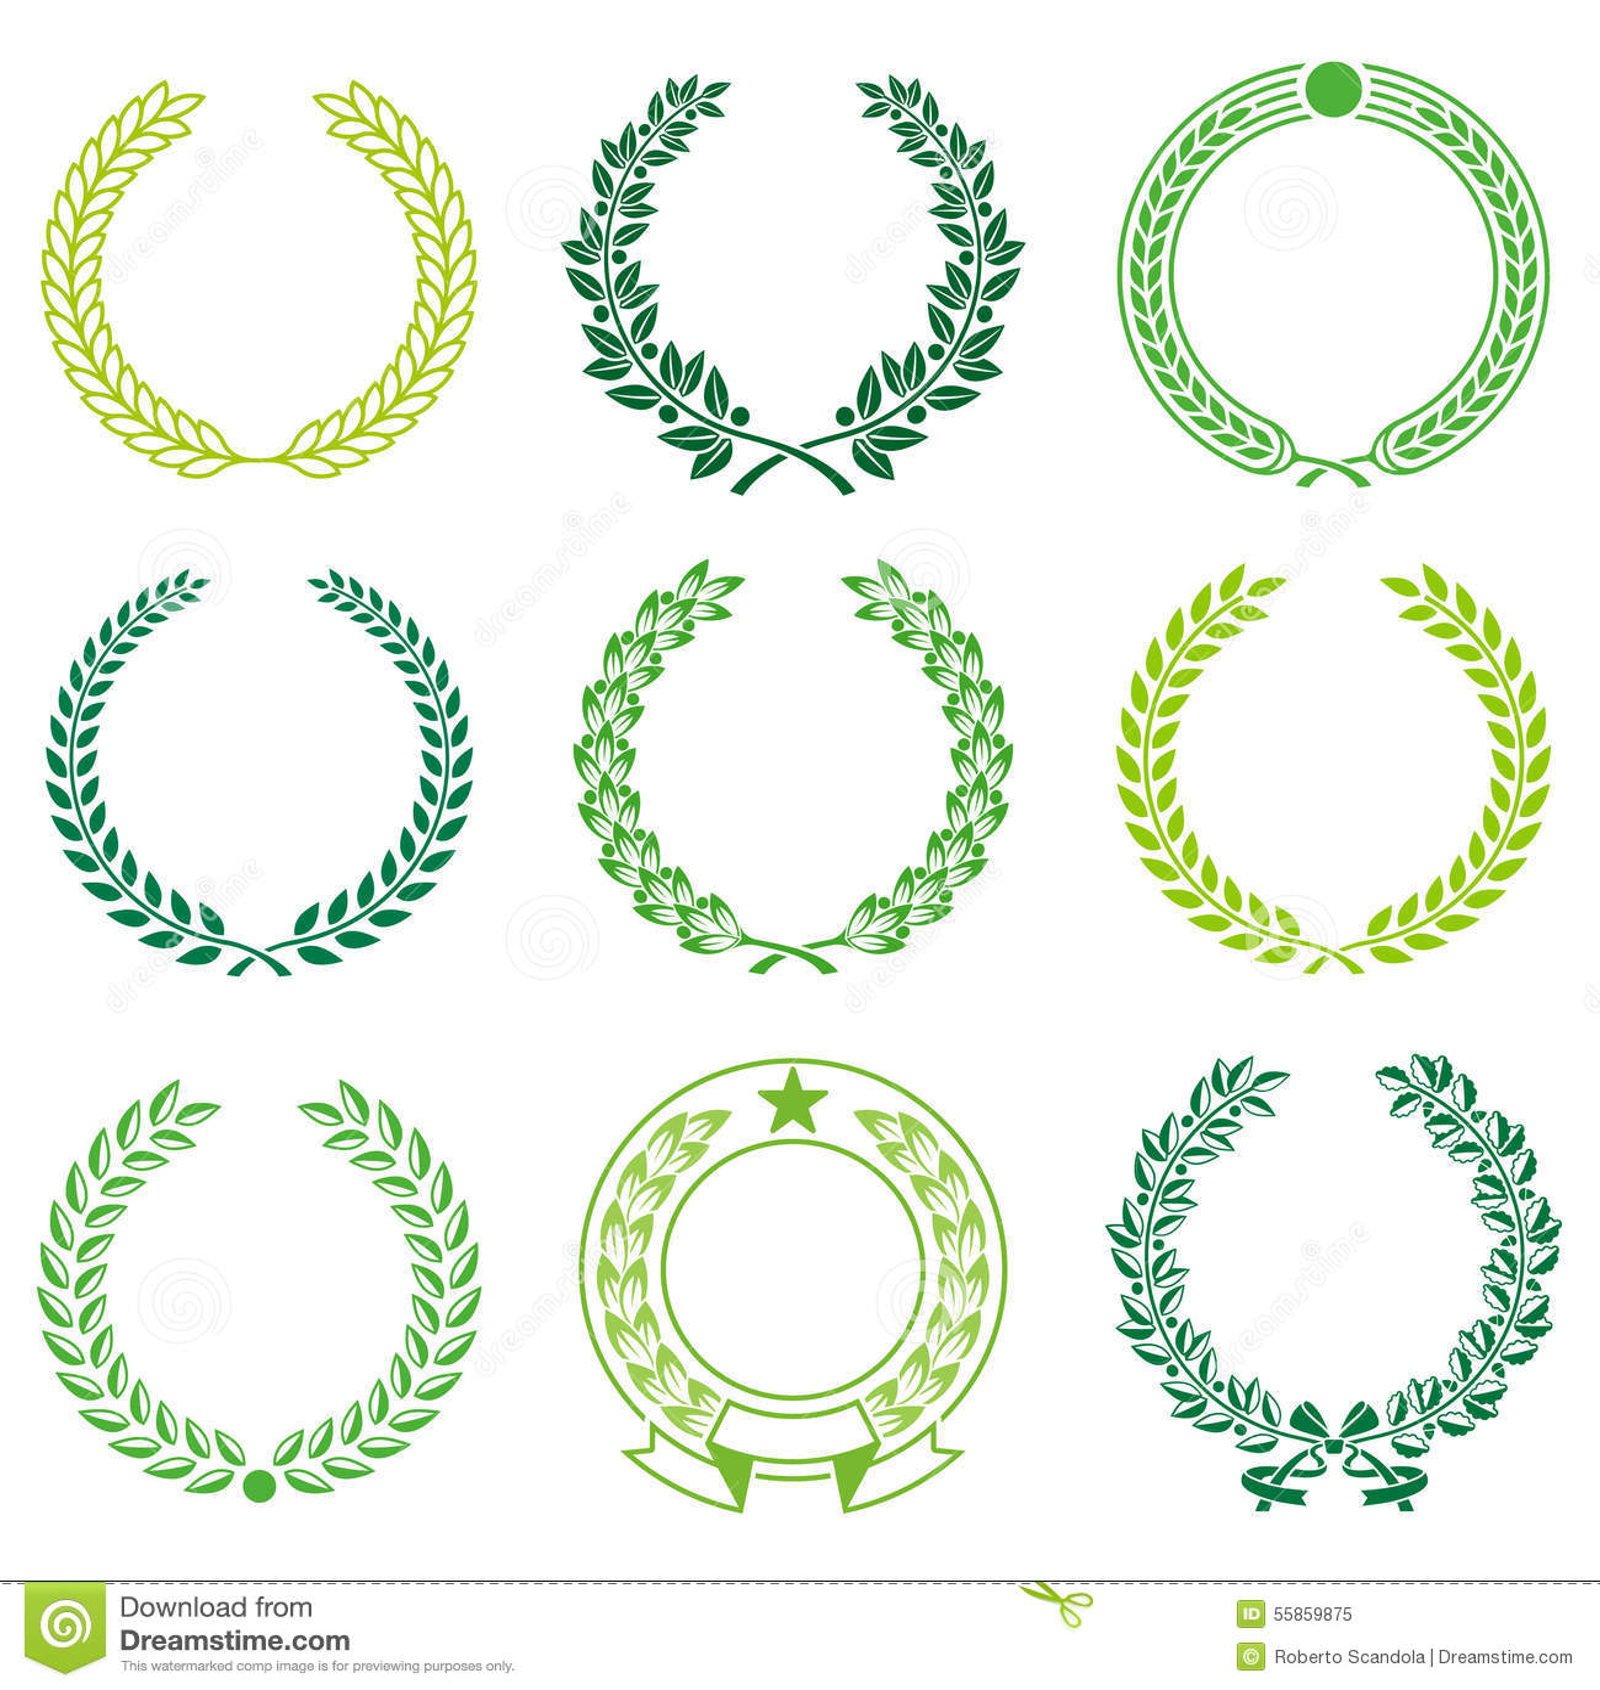 Zeremonielle Kranz-Rahmen vektor abbildung. Illustration von ...